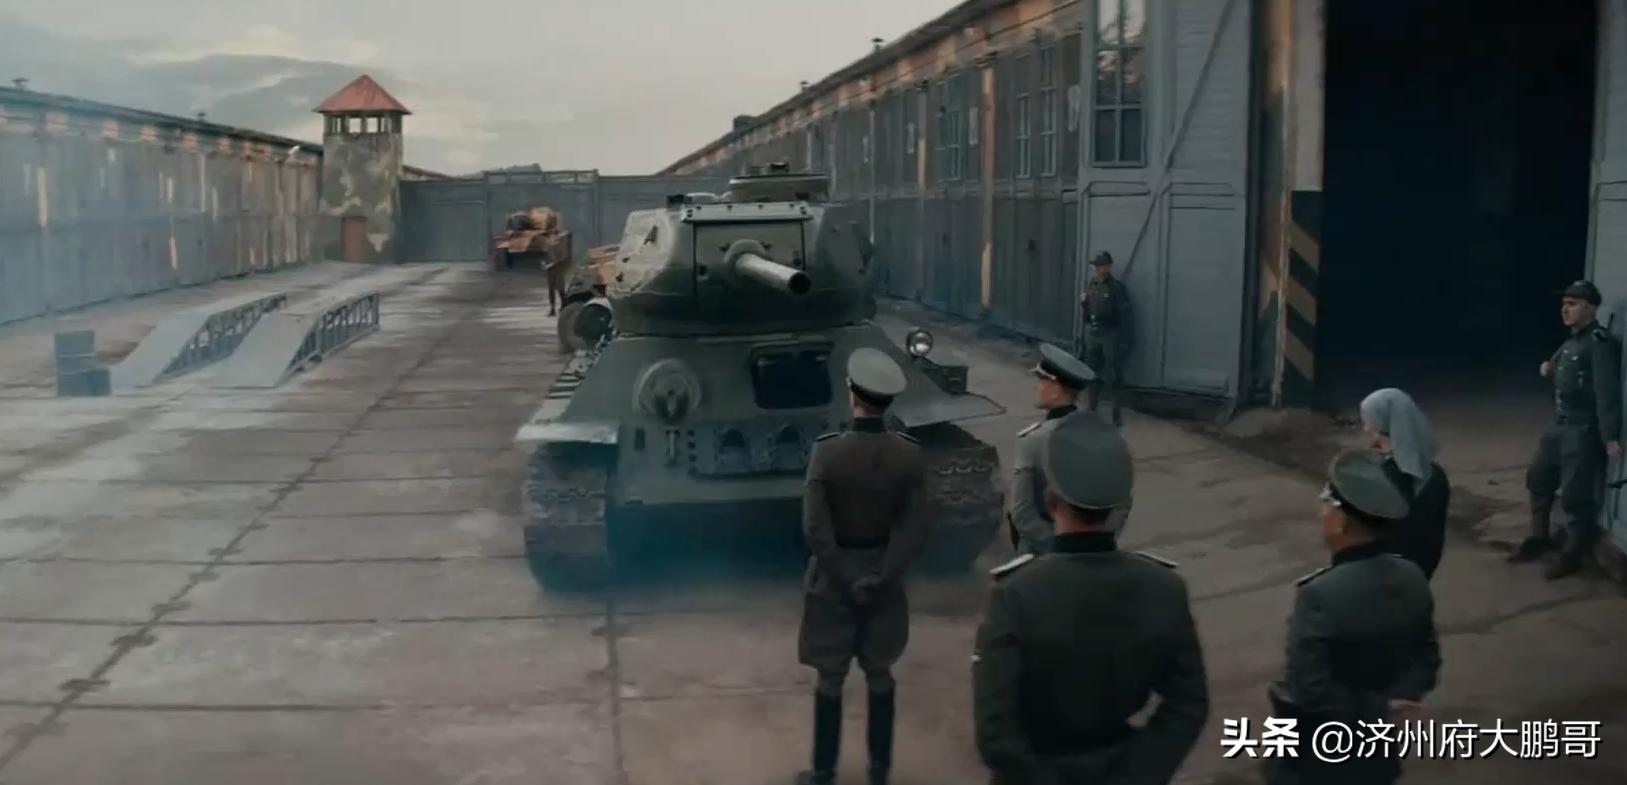 电影《猎杀T34》:二战苏德经典坦克车,虎式与T34震撼对决